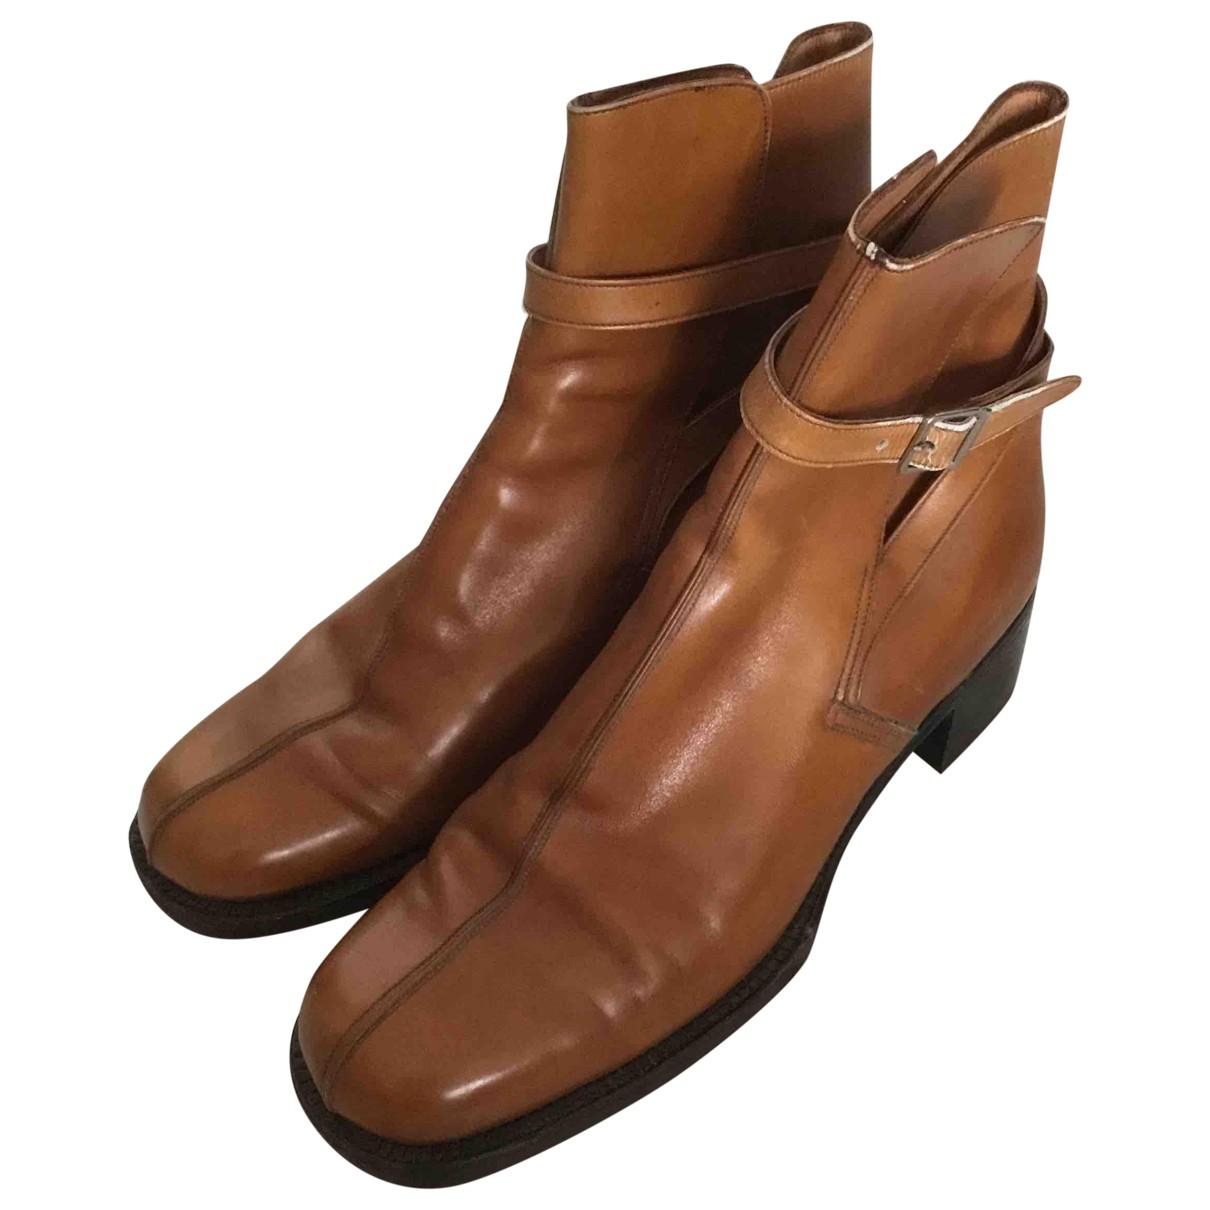 Jm Weston - Boots   pour femme en cuir - marron